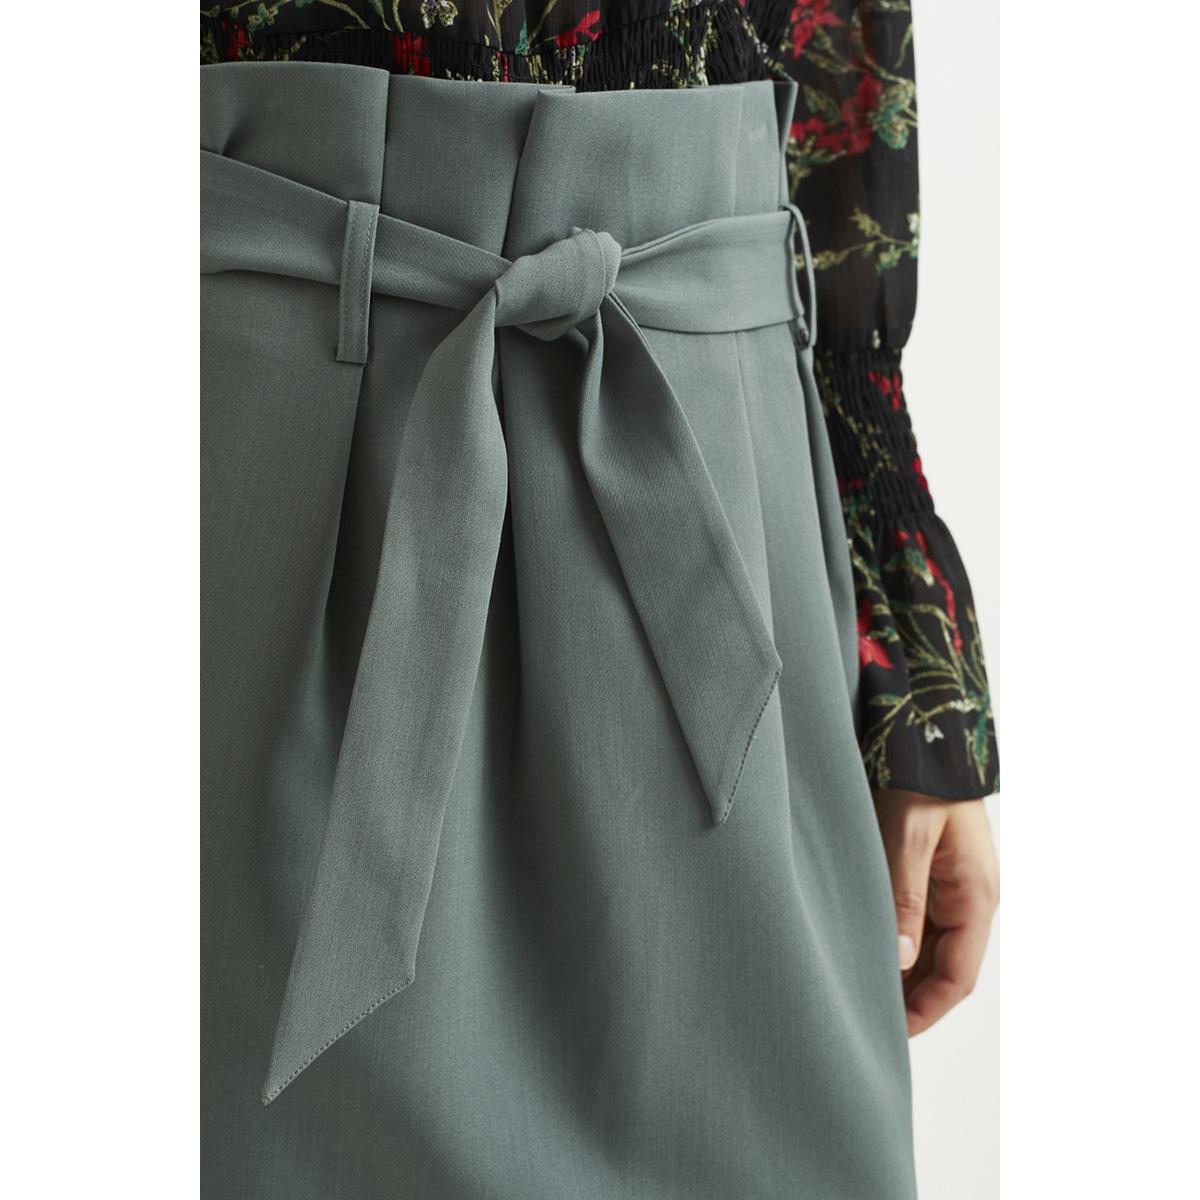 objabella mw mini skirt wi a 23026653 object rok urban chic